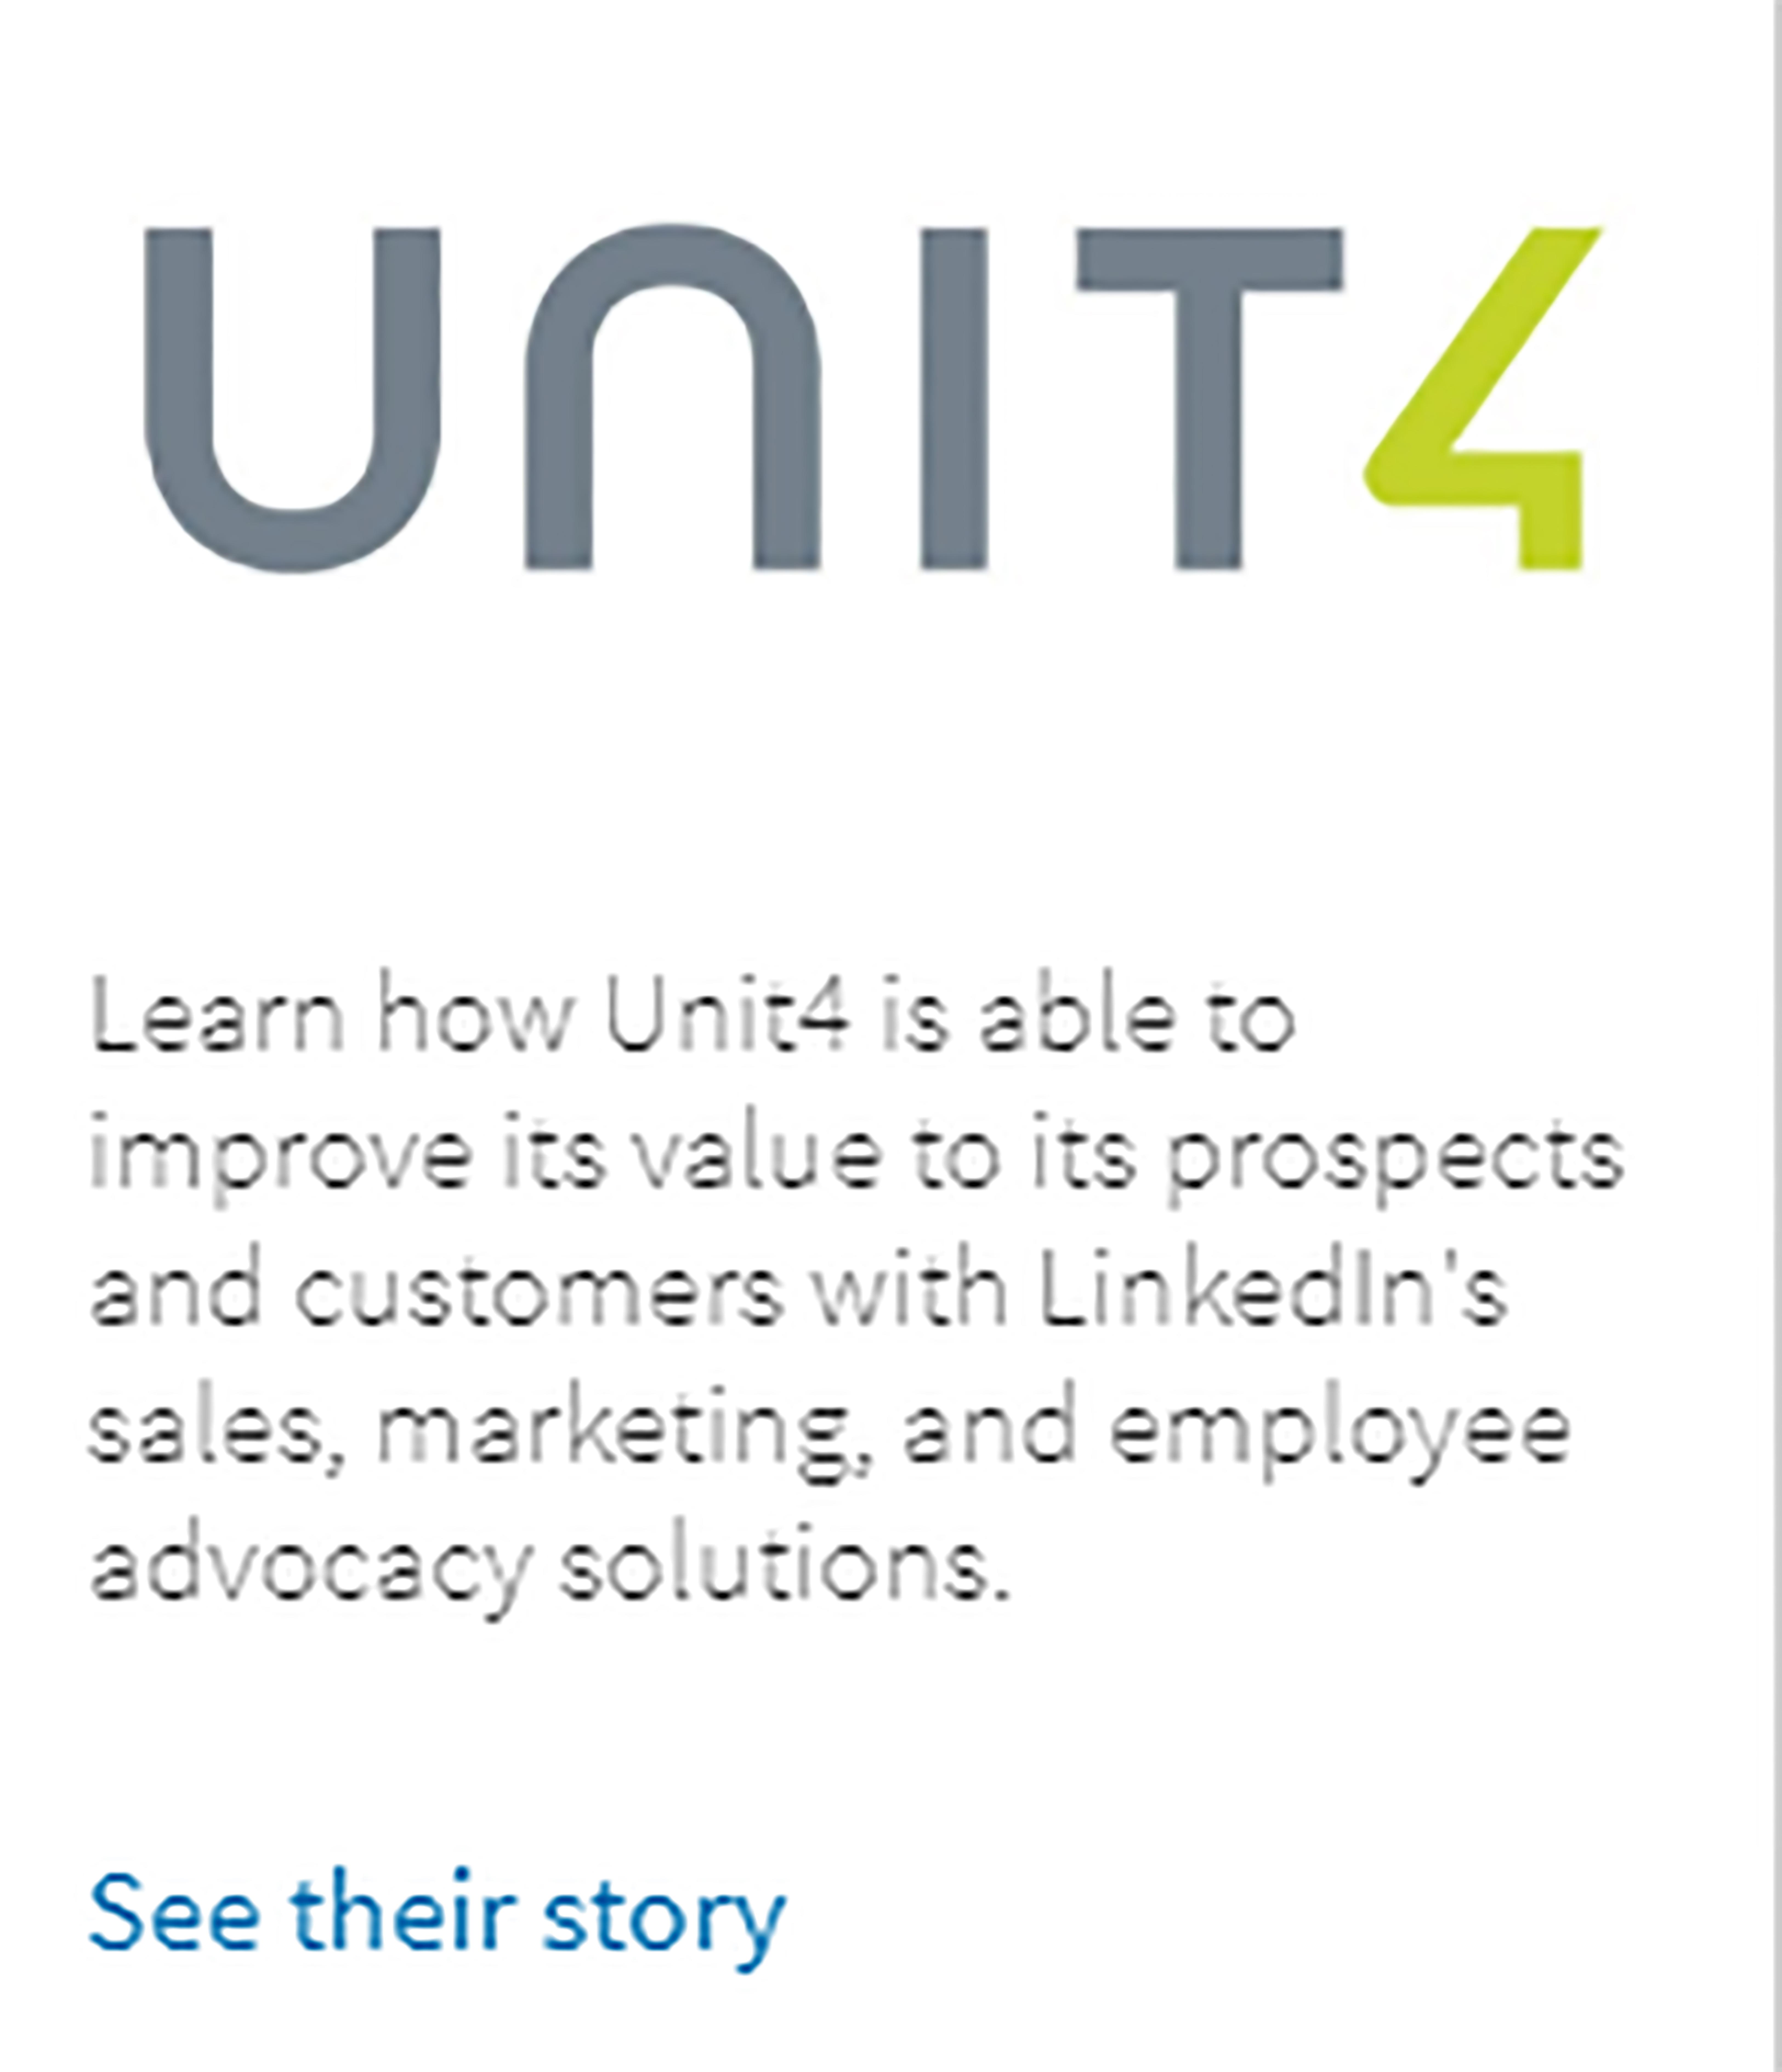 unit4-case-study